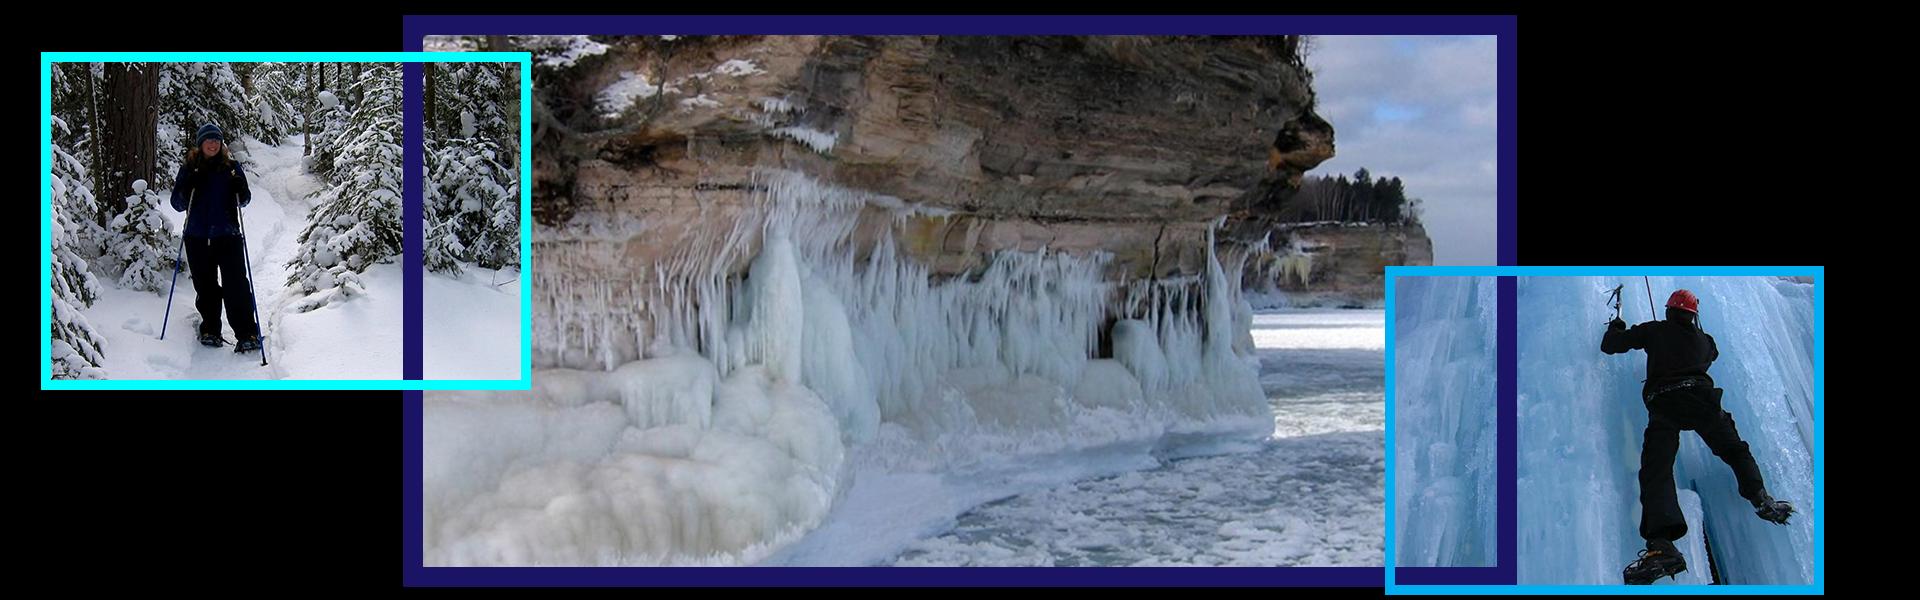 Pictured Rocks National Lakeshore, Munising, Michigan